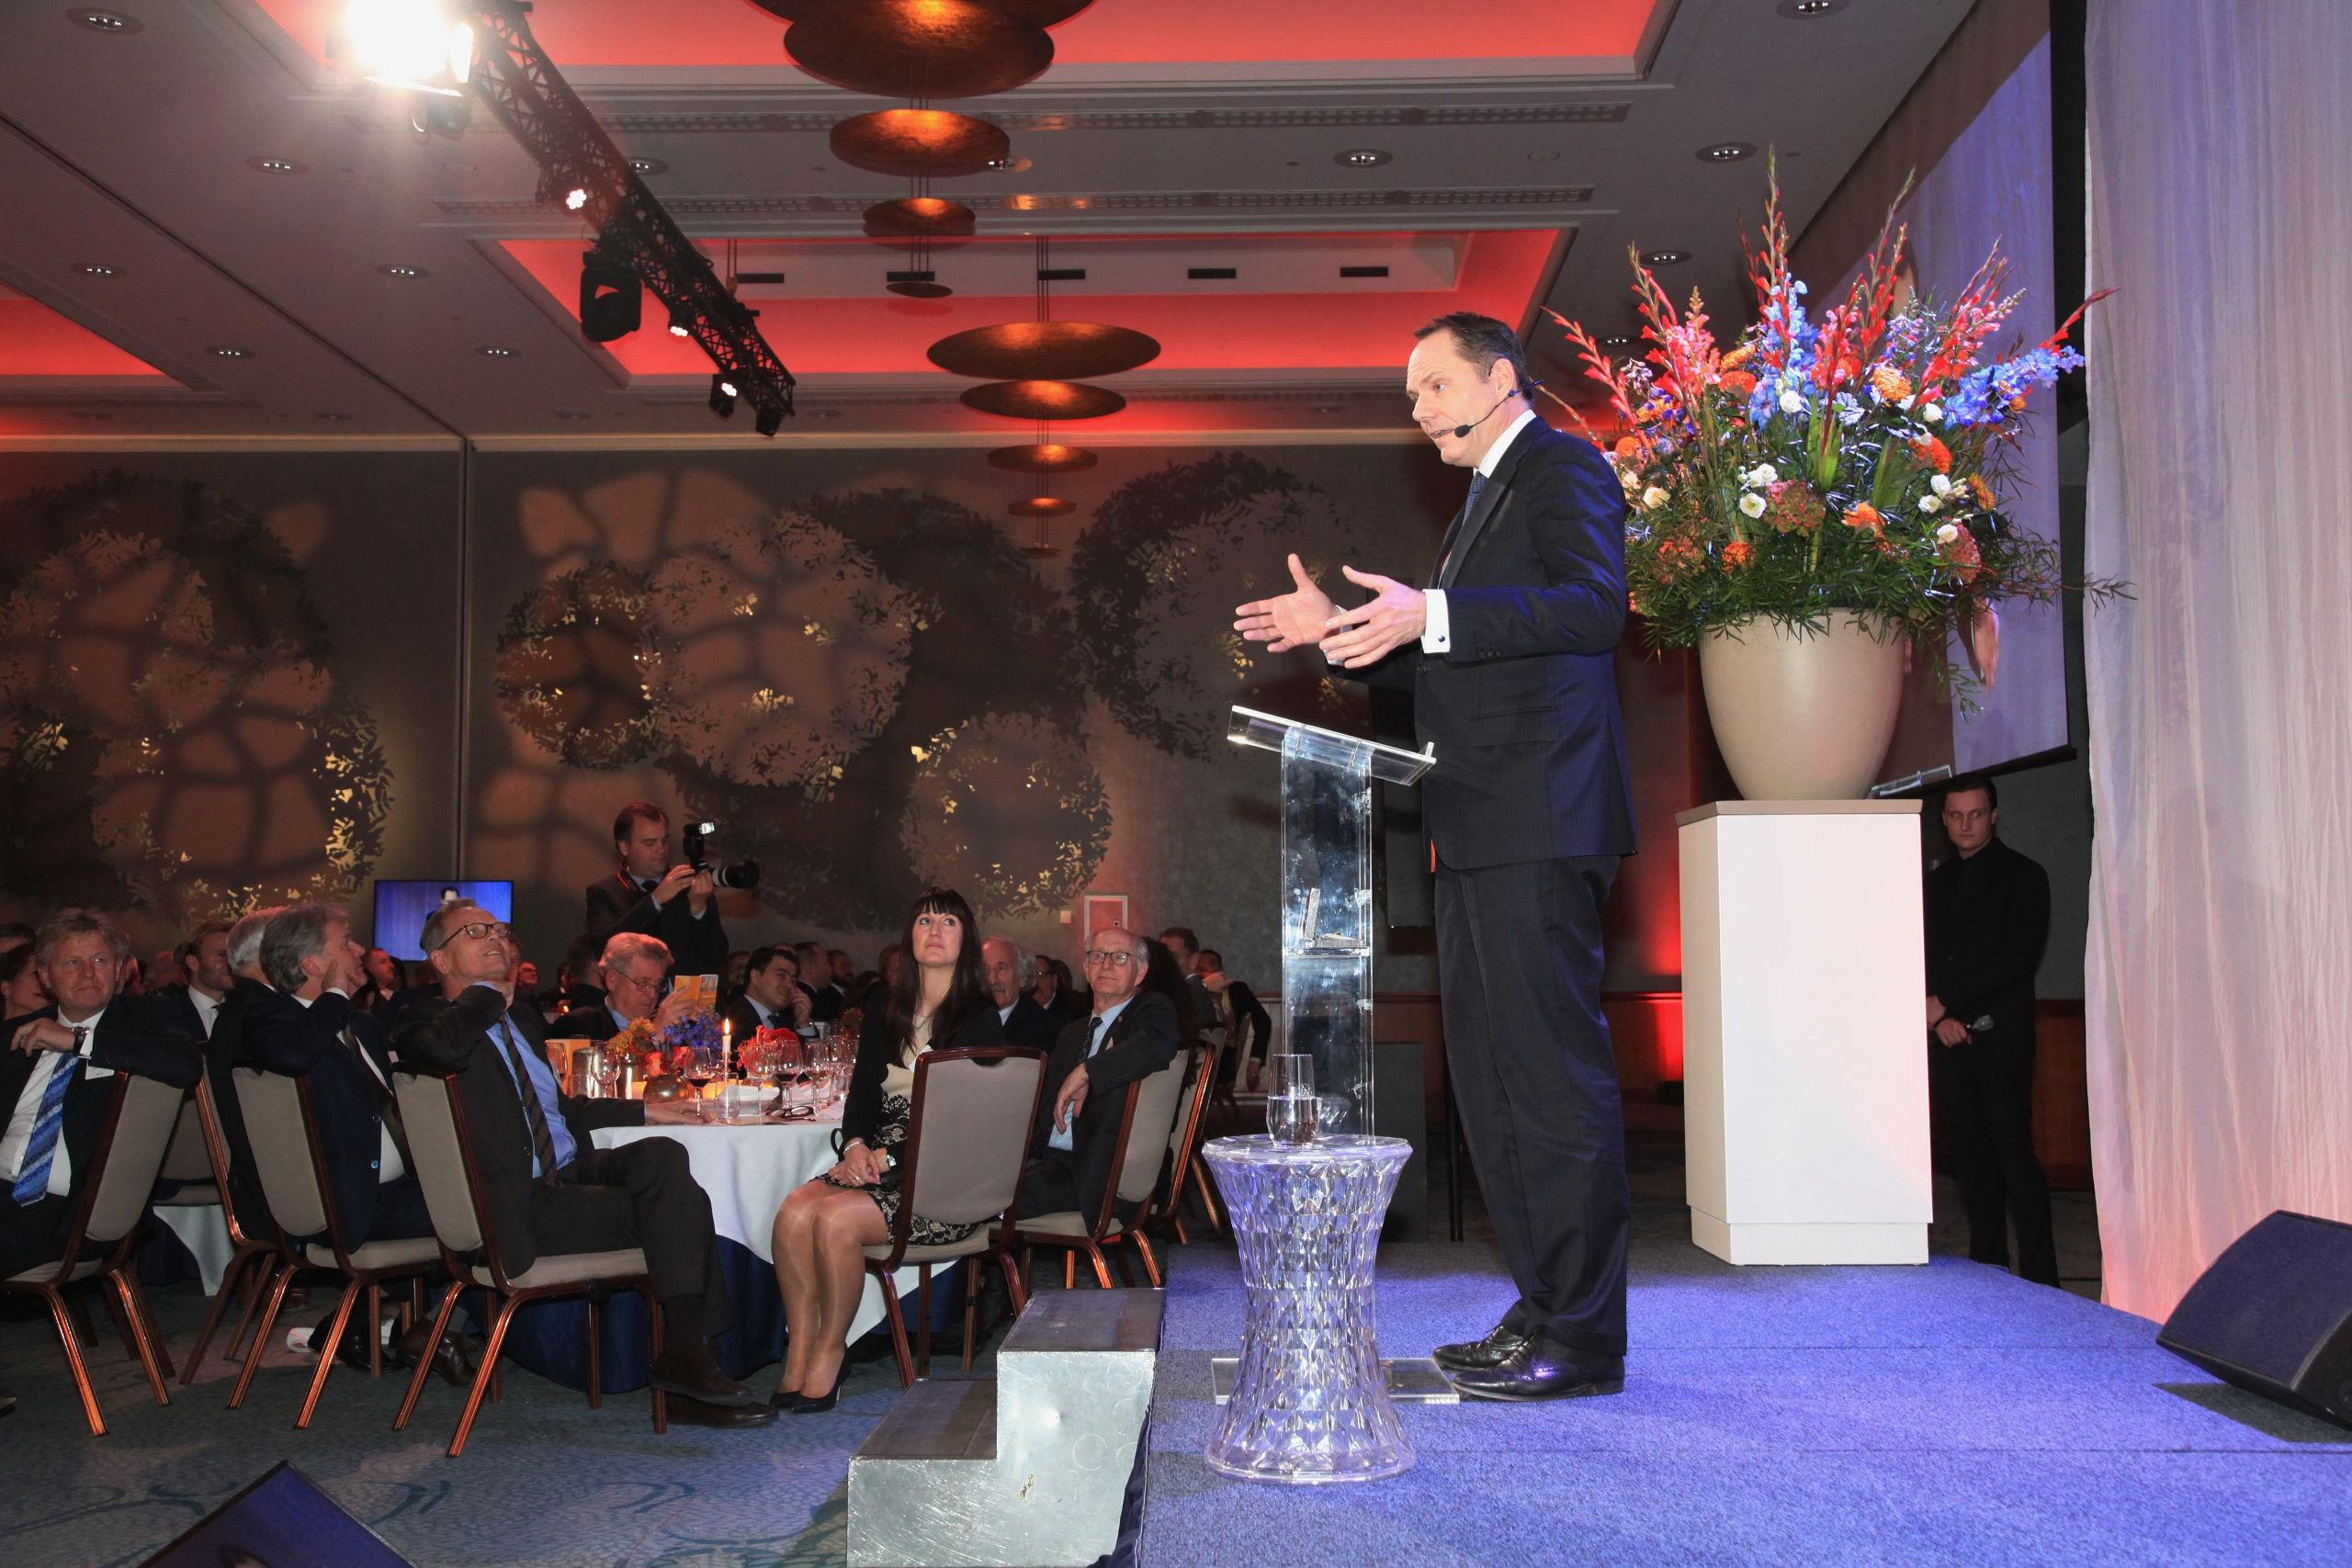 De Amsterdamse havenwethouder Udo Kock tijdens zijn toespraak vrijdagavond op het Havengildediner.